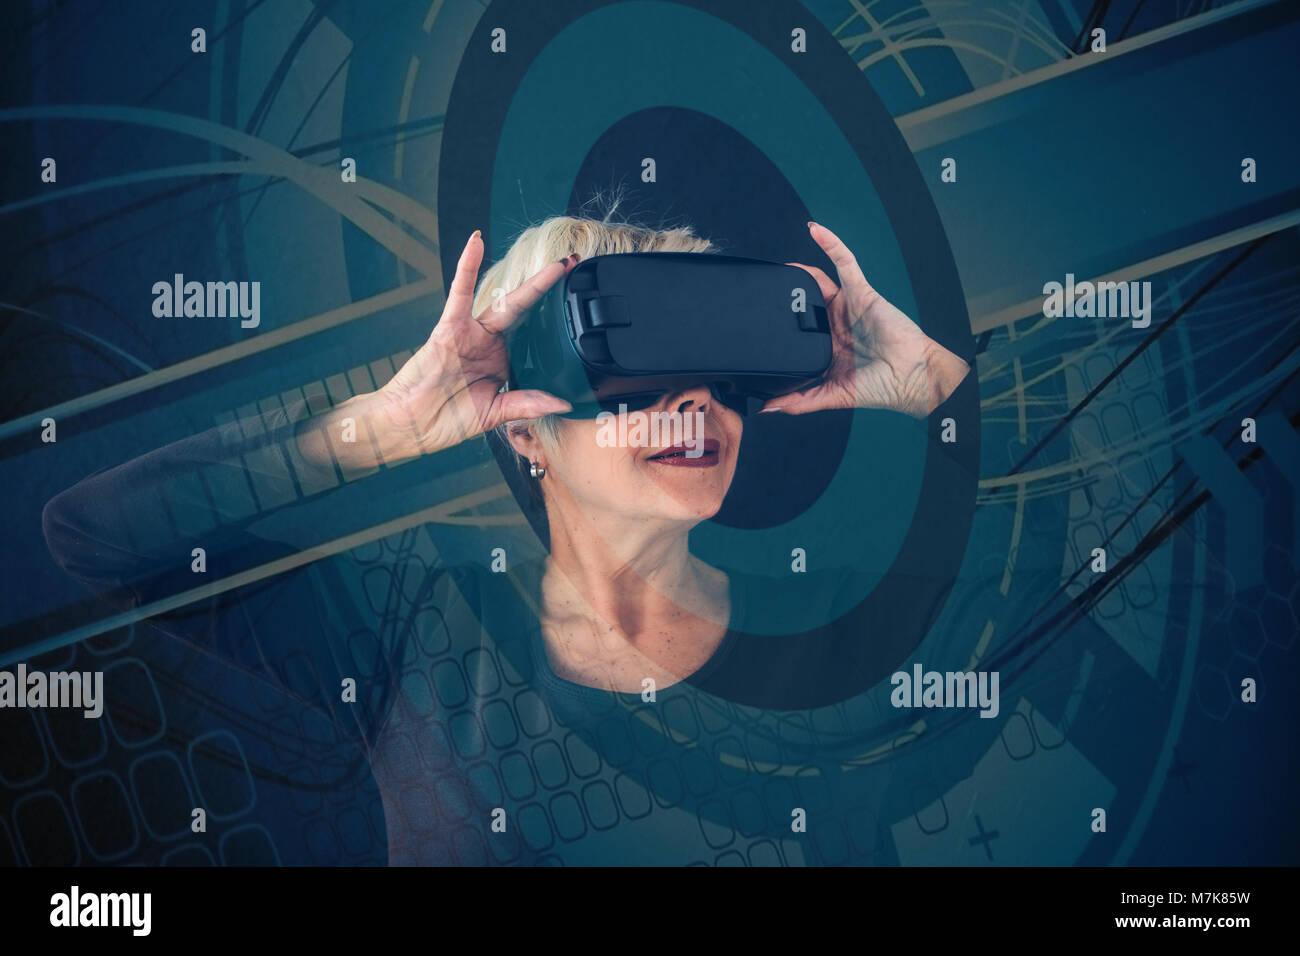 Una anciana en gafas de realidad virtual. Con efectos visuales. Una persona de edad avanzada con tecnología Imagen De Stock